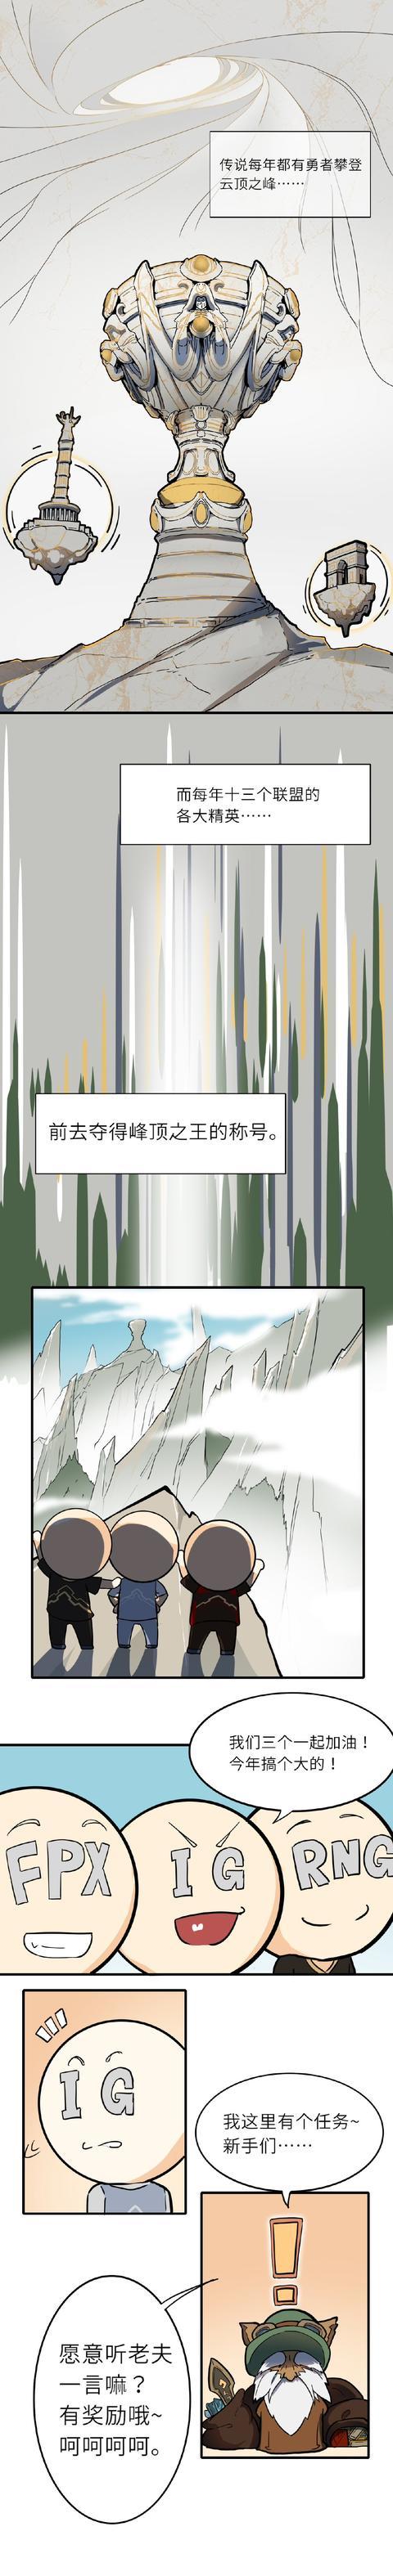 英雄联盟漫画丨LOL联盟行动第七话:新的冒险!怒瑞玛